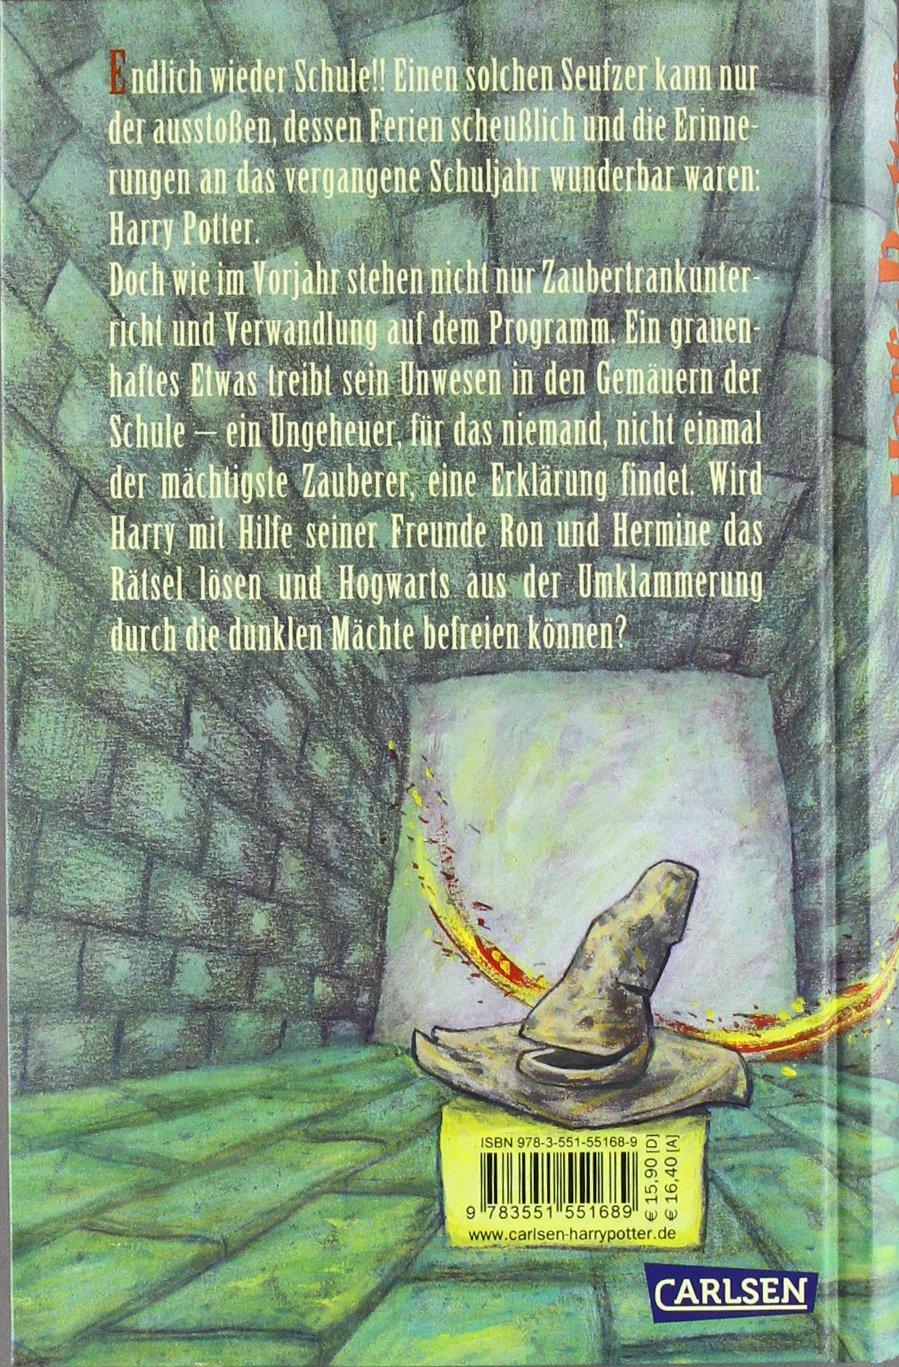 Harry potter und die kammer des schreckens j k rowling klaus harry potter und die kammer des schreckens j k rowling klaus fritz 9783551551689 amazon books fandeluxe Images